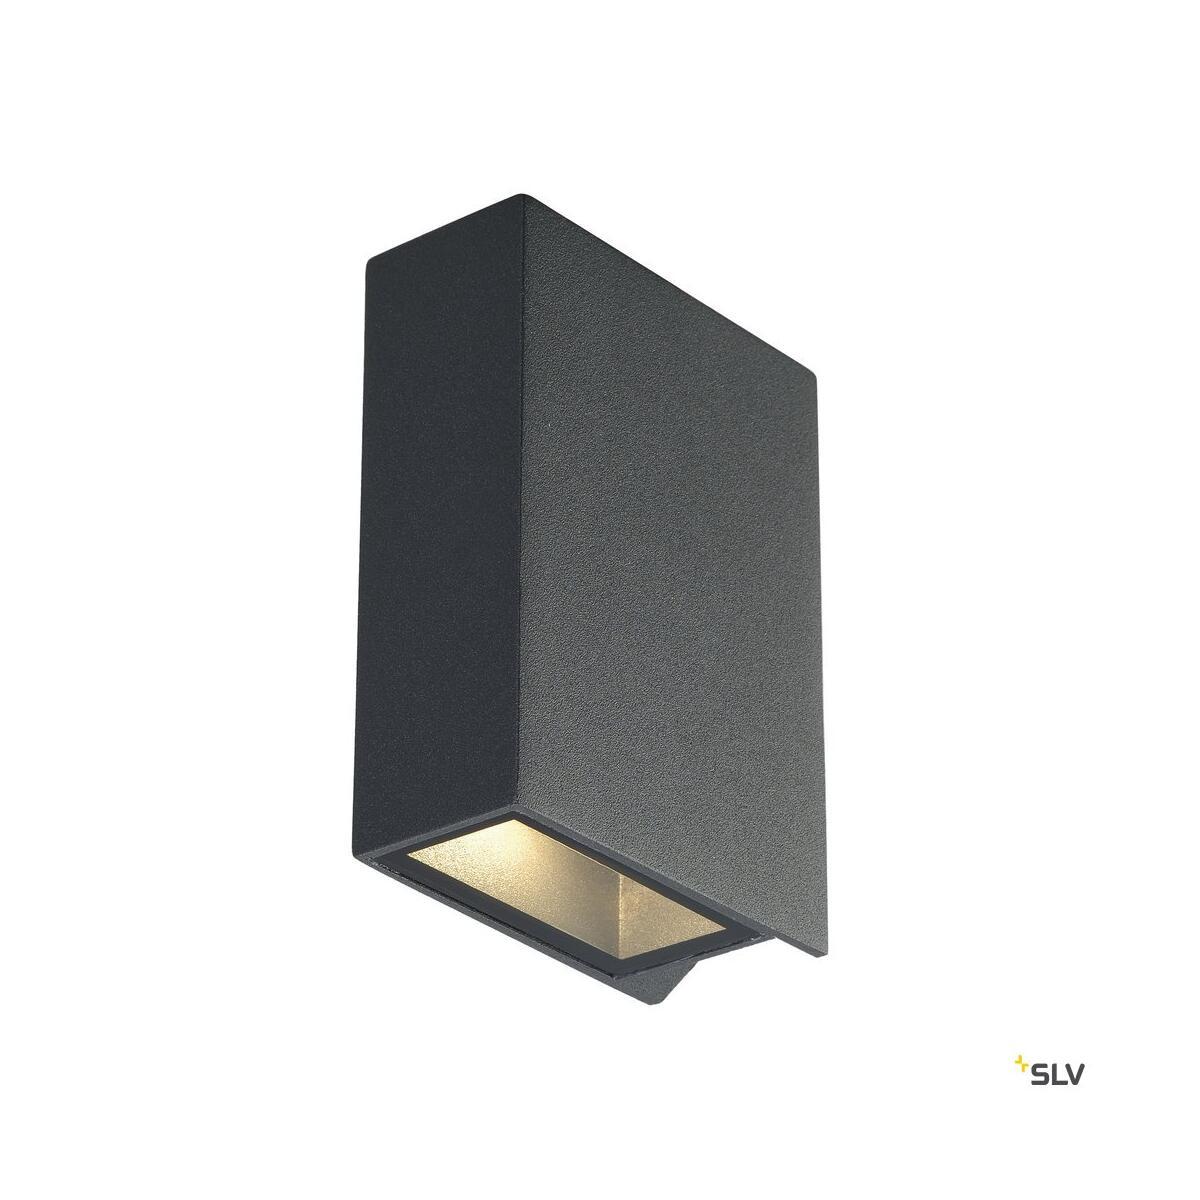 quad 2 led wandleuchte anthrazit slv 232475 75 90. Black Bedroom Furniture Sets. Home Design Ideas